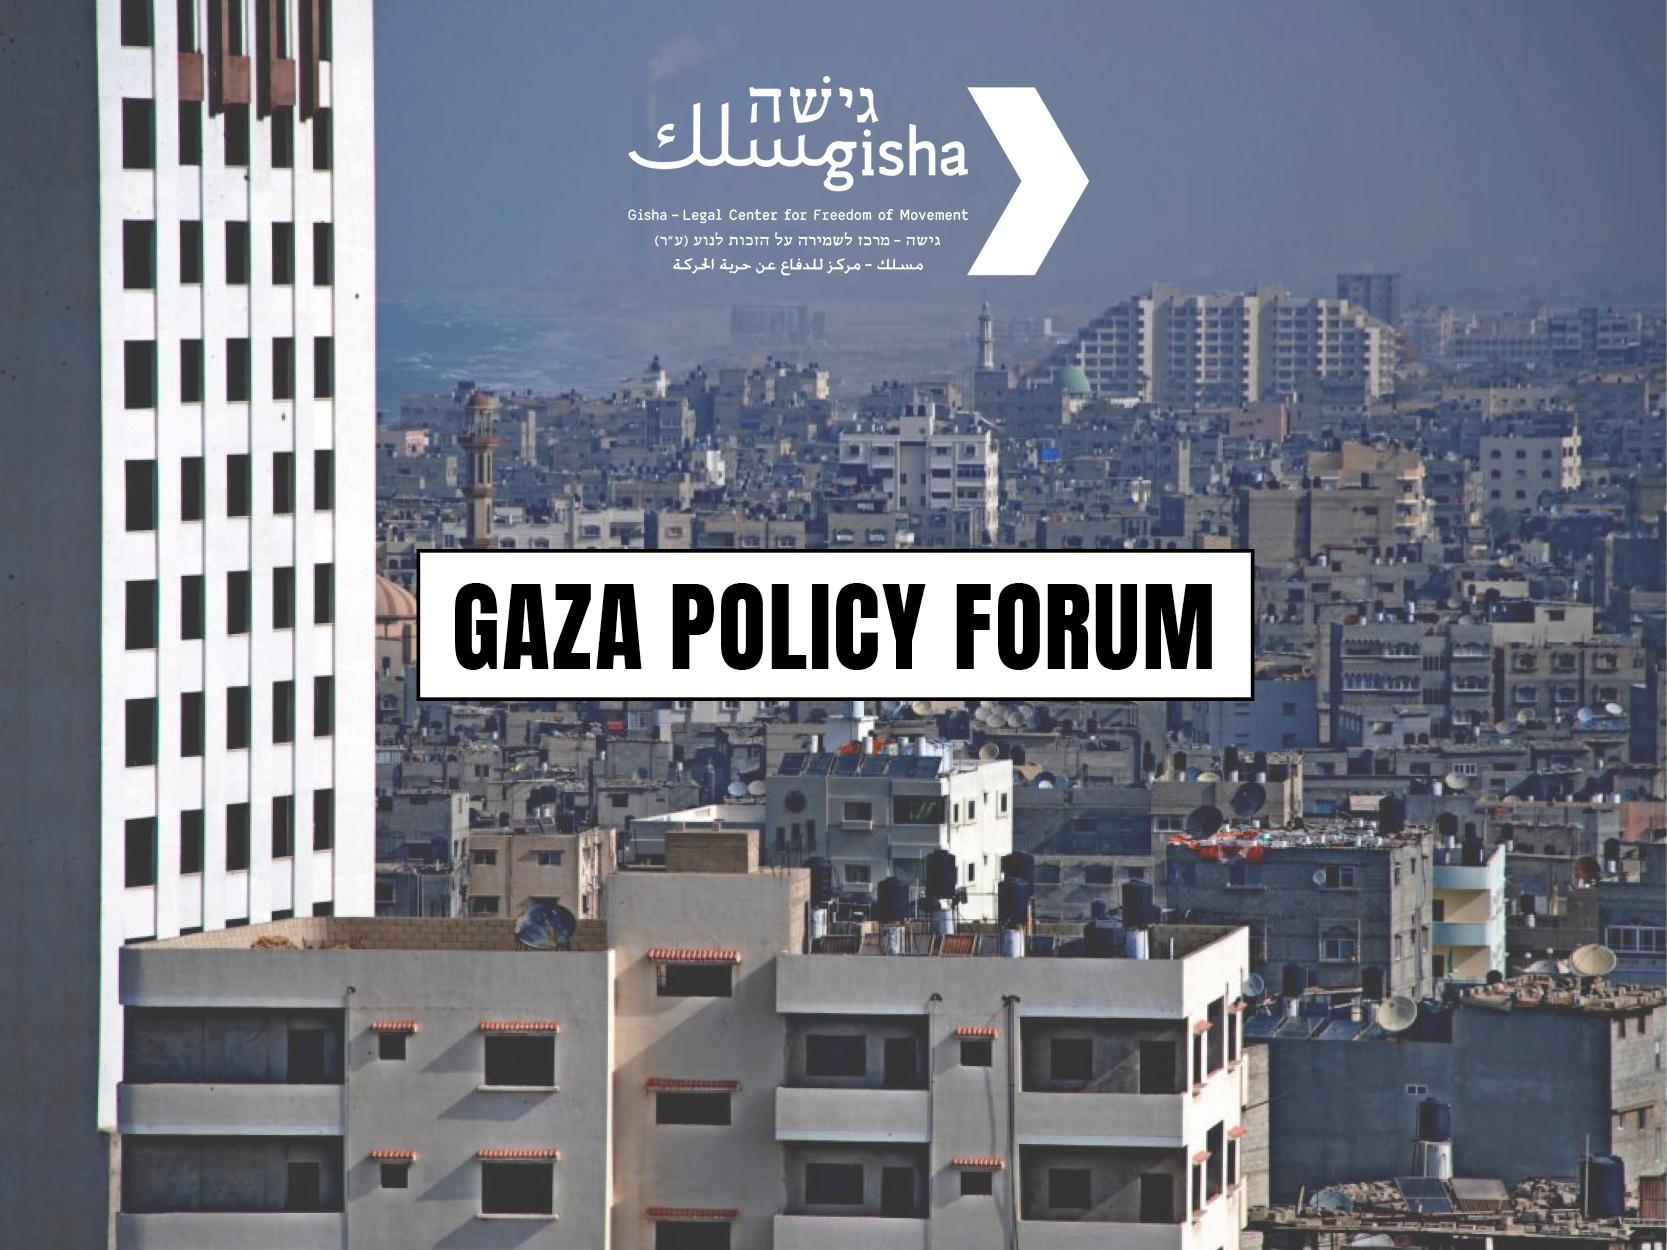 פורום מדיניות בנושא עזה: לקריאת הסיכום ולצפייה בדיונים